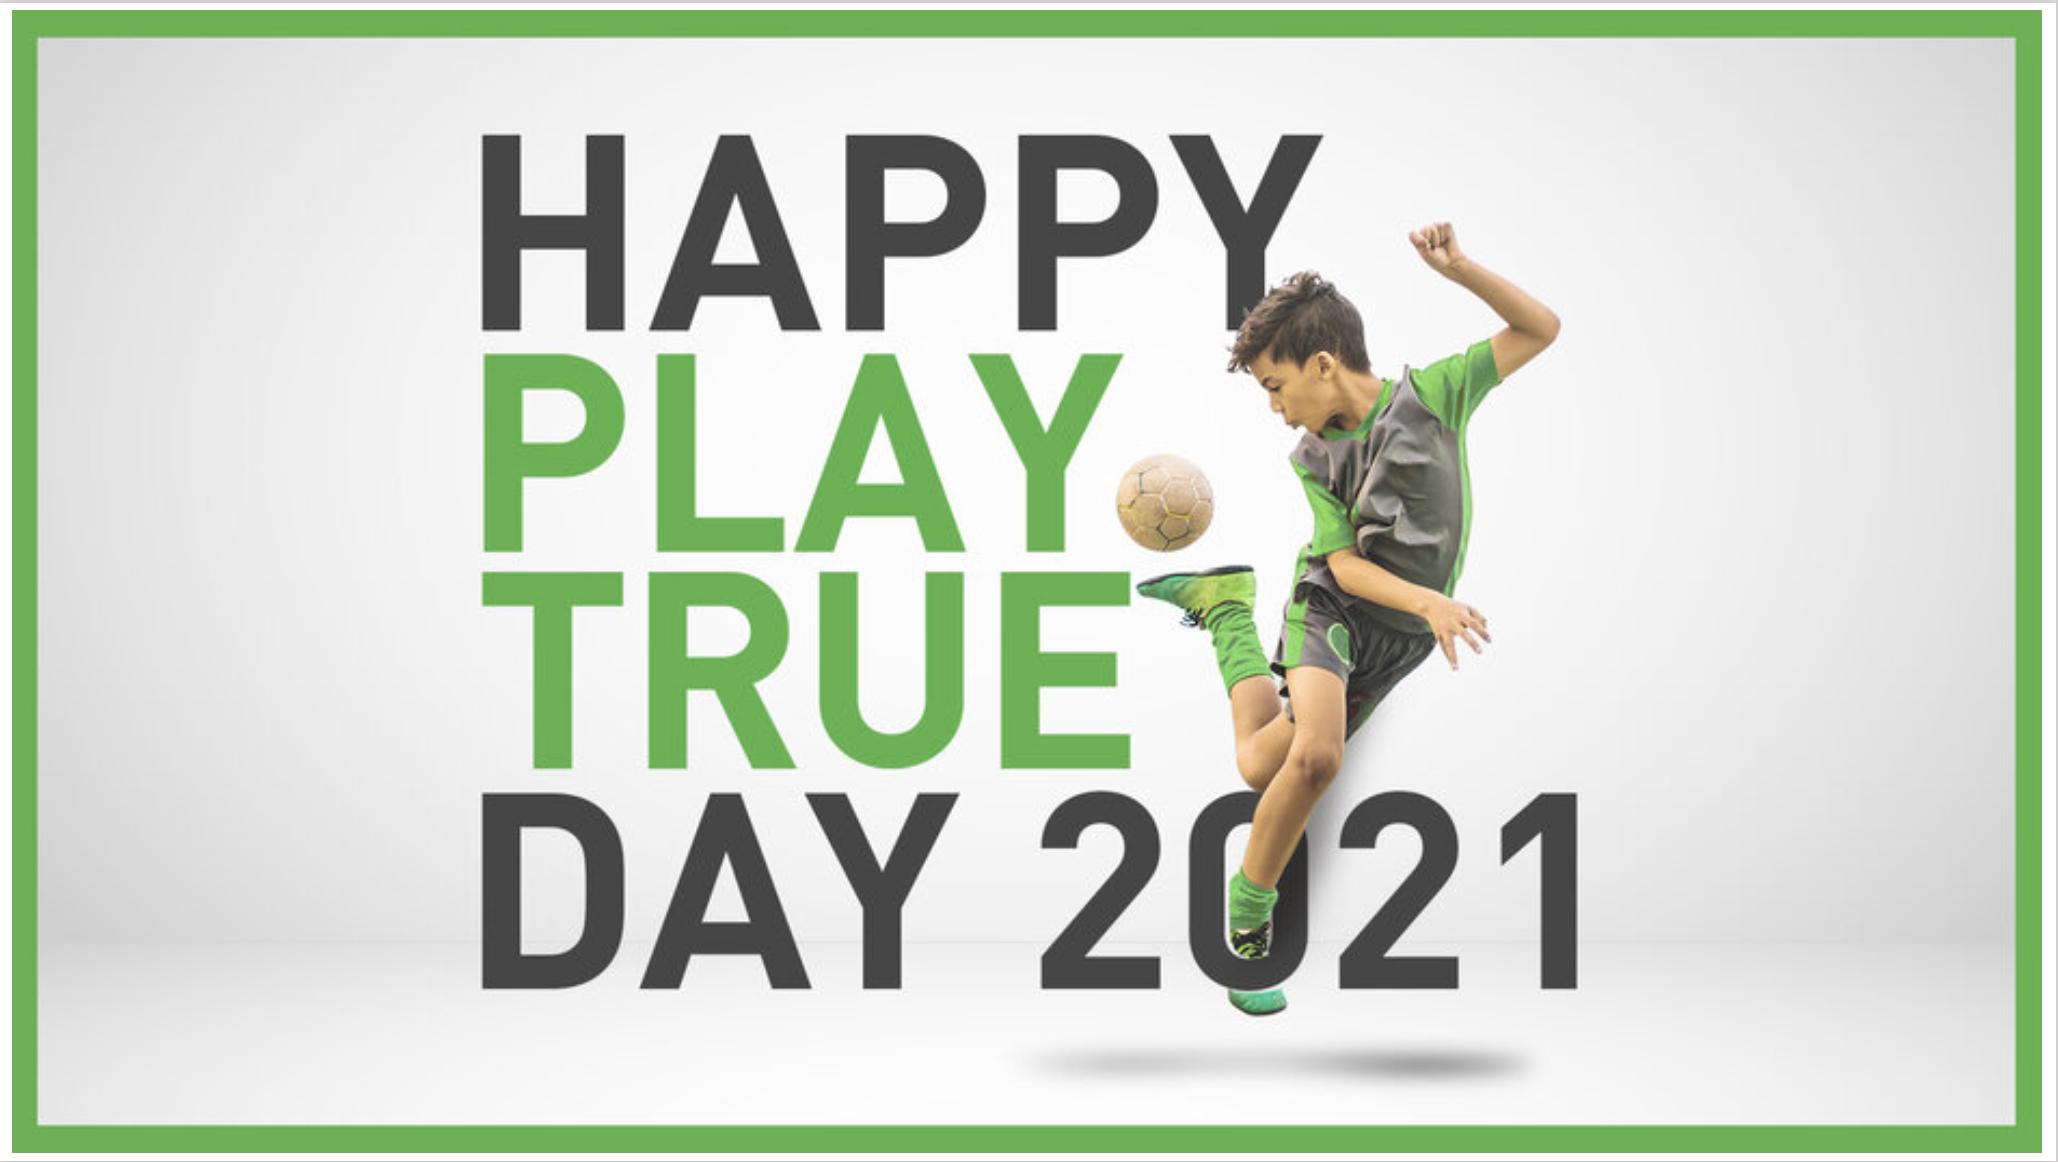 Play True Day 2021, giornata mondiale dello sport onesto